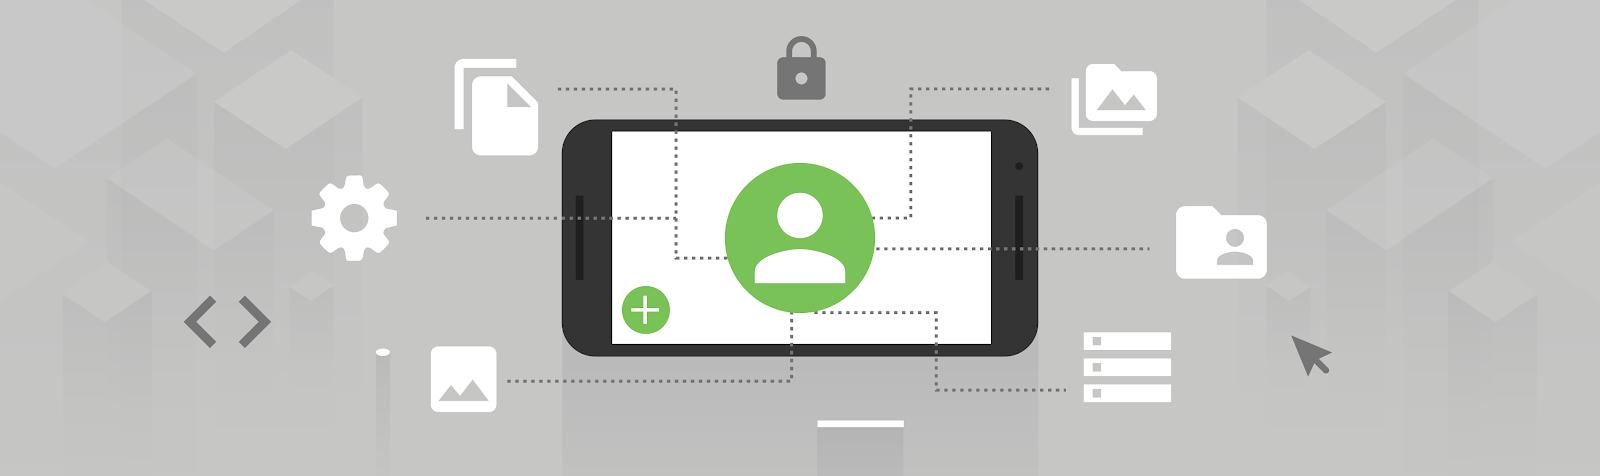 Qu'est-ce que le « Scoped Storage » d'Android Q ?